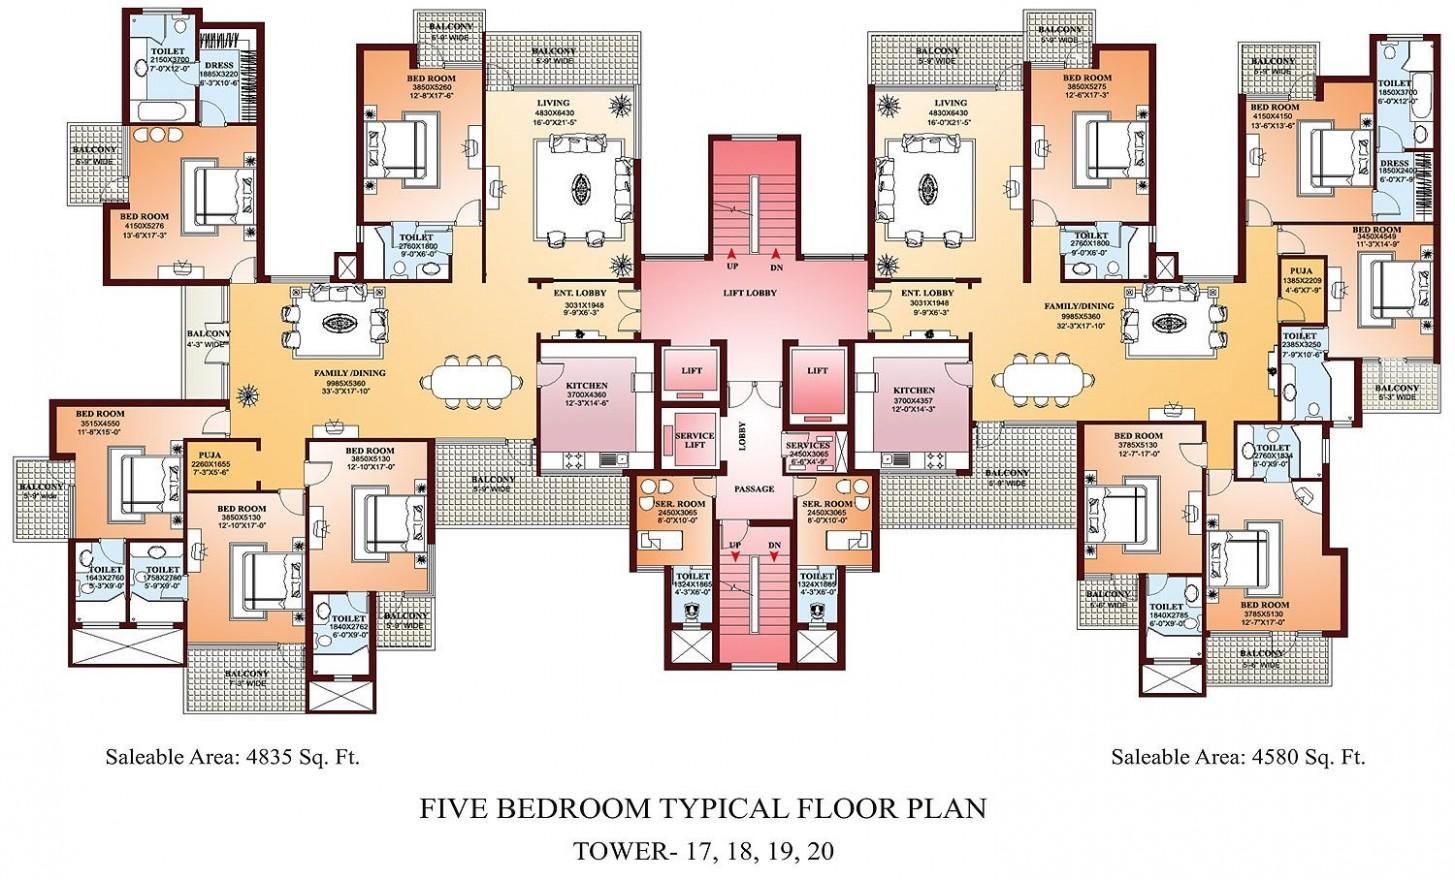 Apartment Floor Plans Designs  Condo floor plans, Building plans  - Apartment Architecture Design Plans